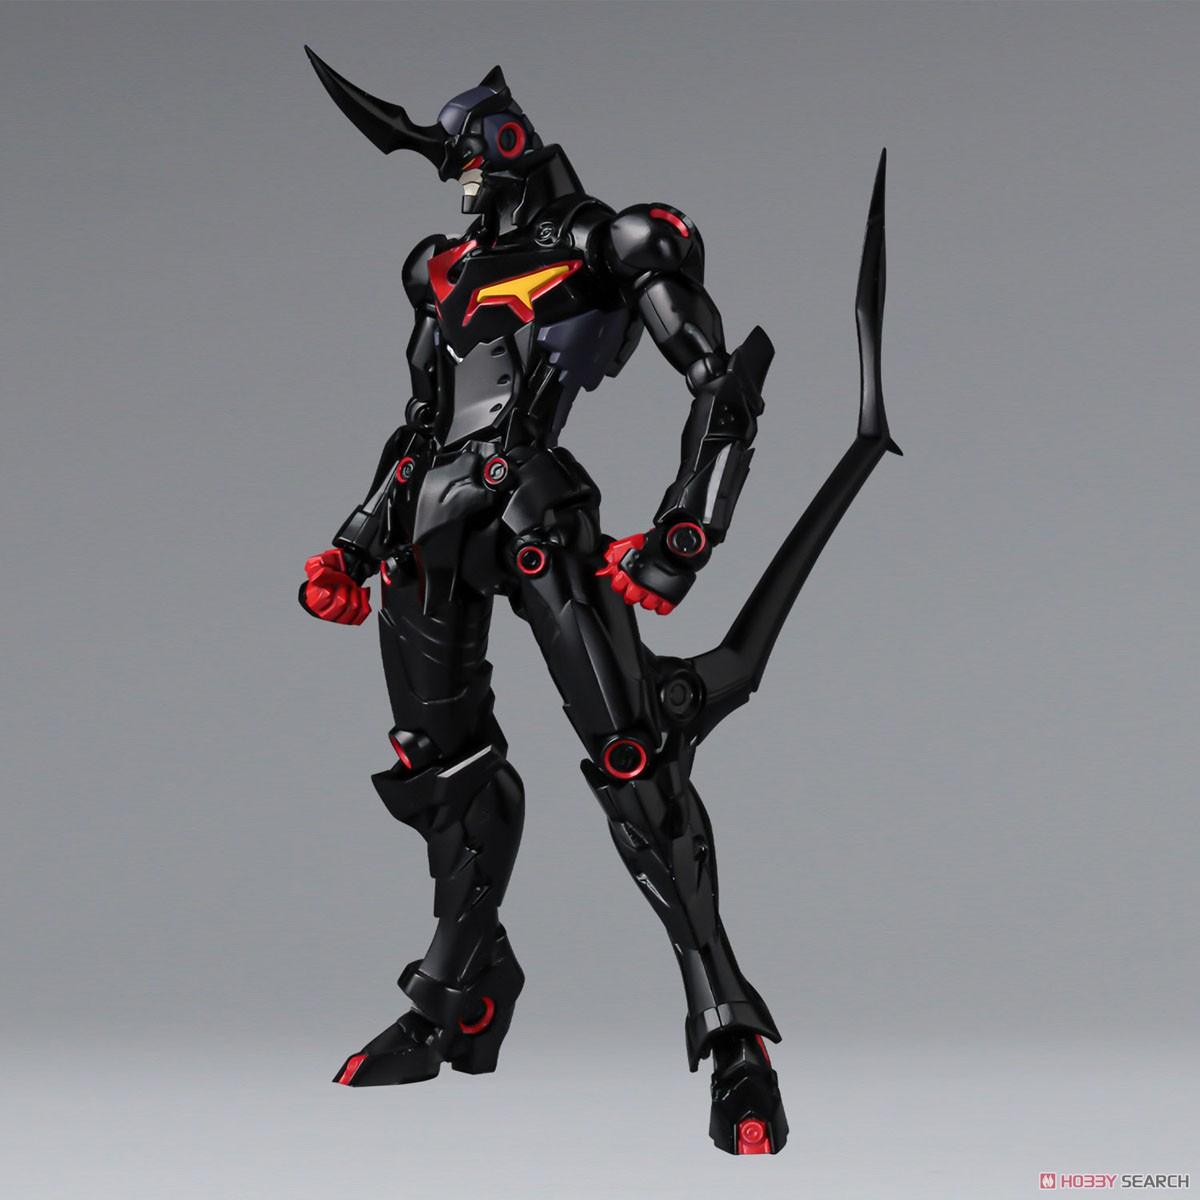 プライオボット『ラゼンガン』天元突破グレンラガン プラモデル-002